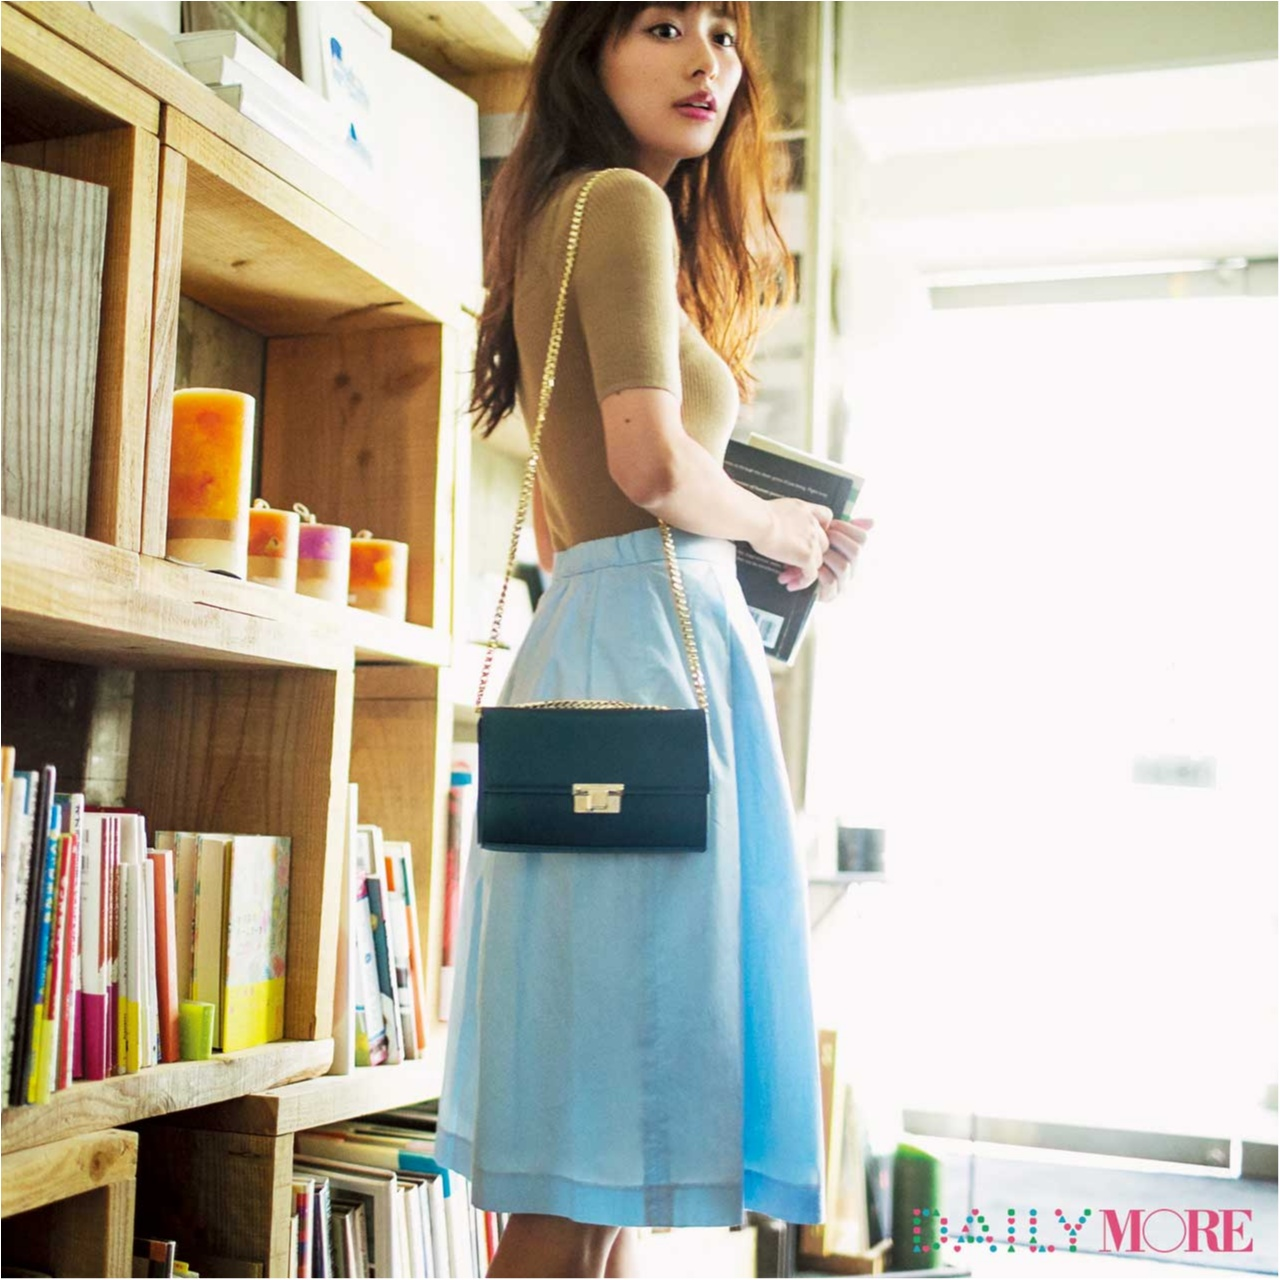 【今日のコーデ/内田理央】デートの約束がある金曜日はきれい色スカートに決まり♡_1